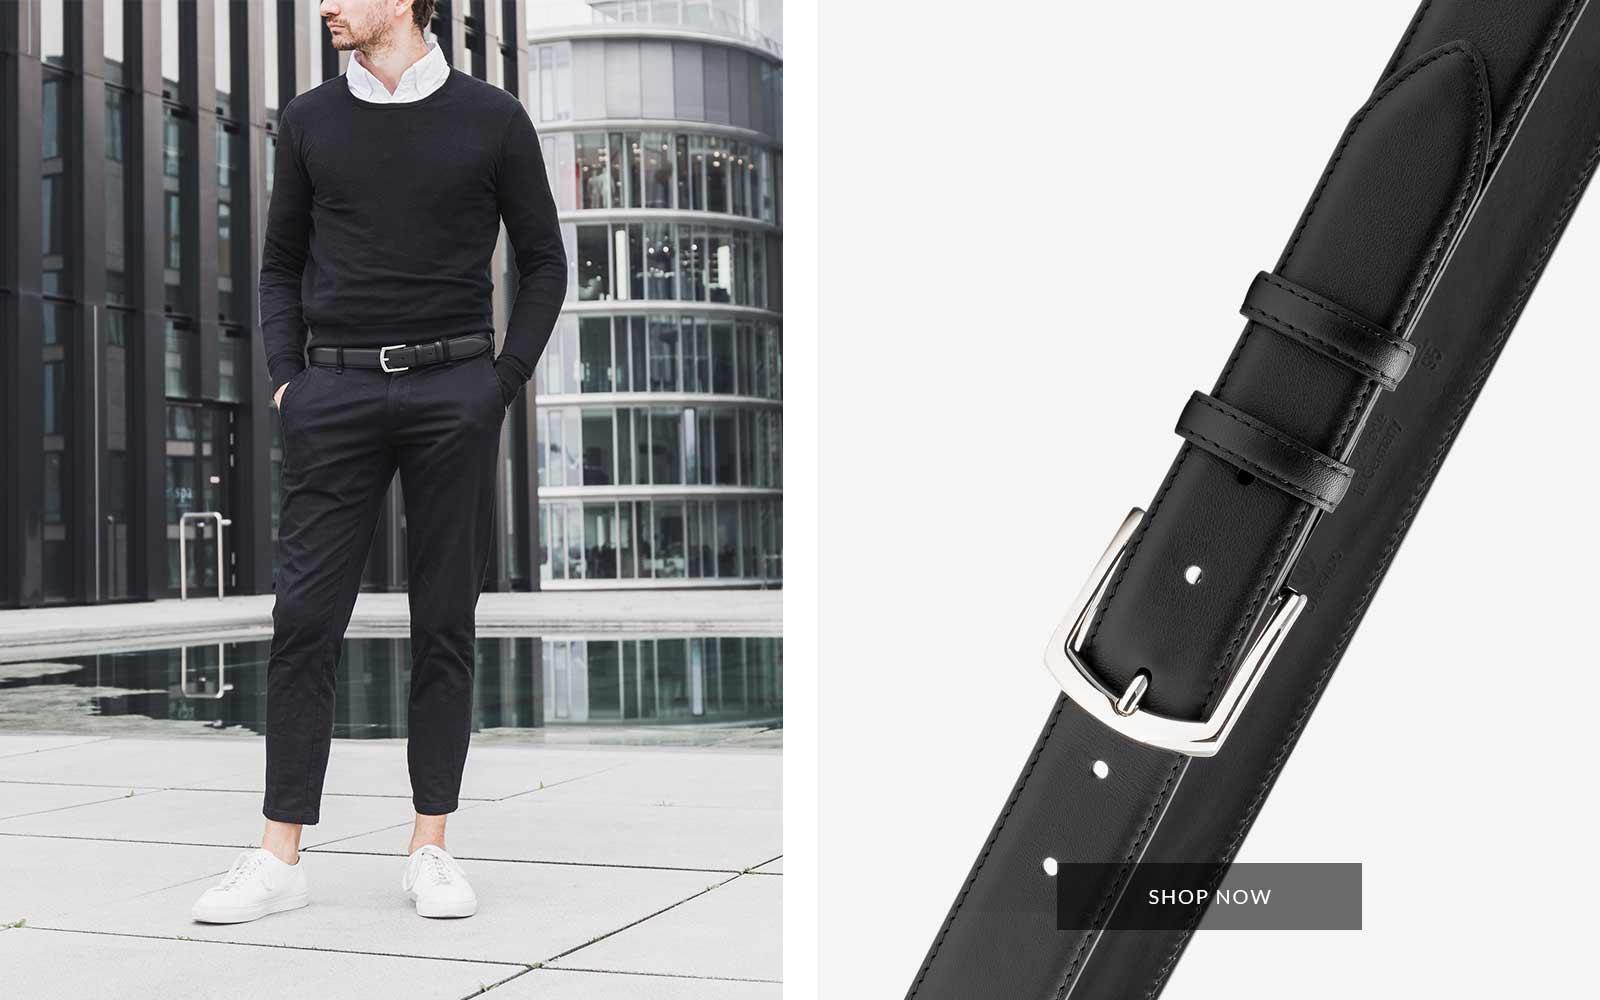 Roberto klassischer Ledergürtel schwarz